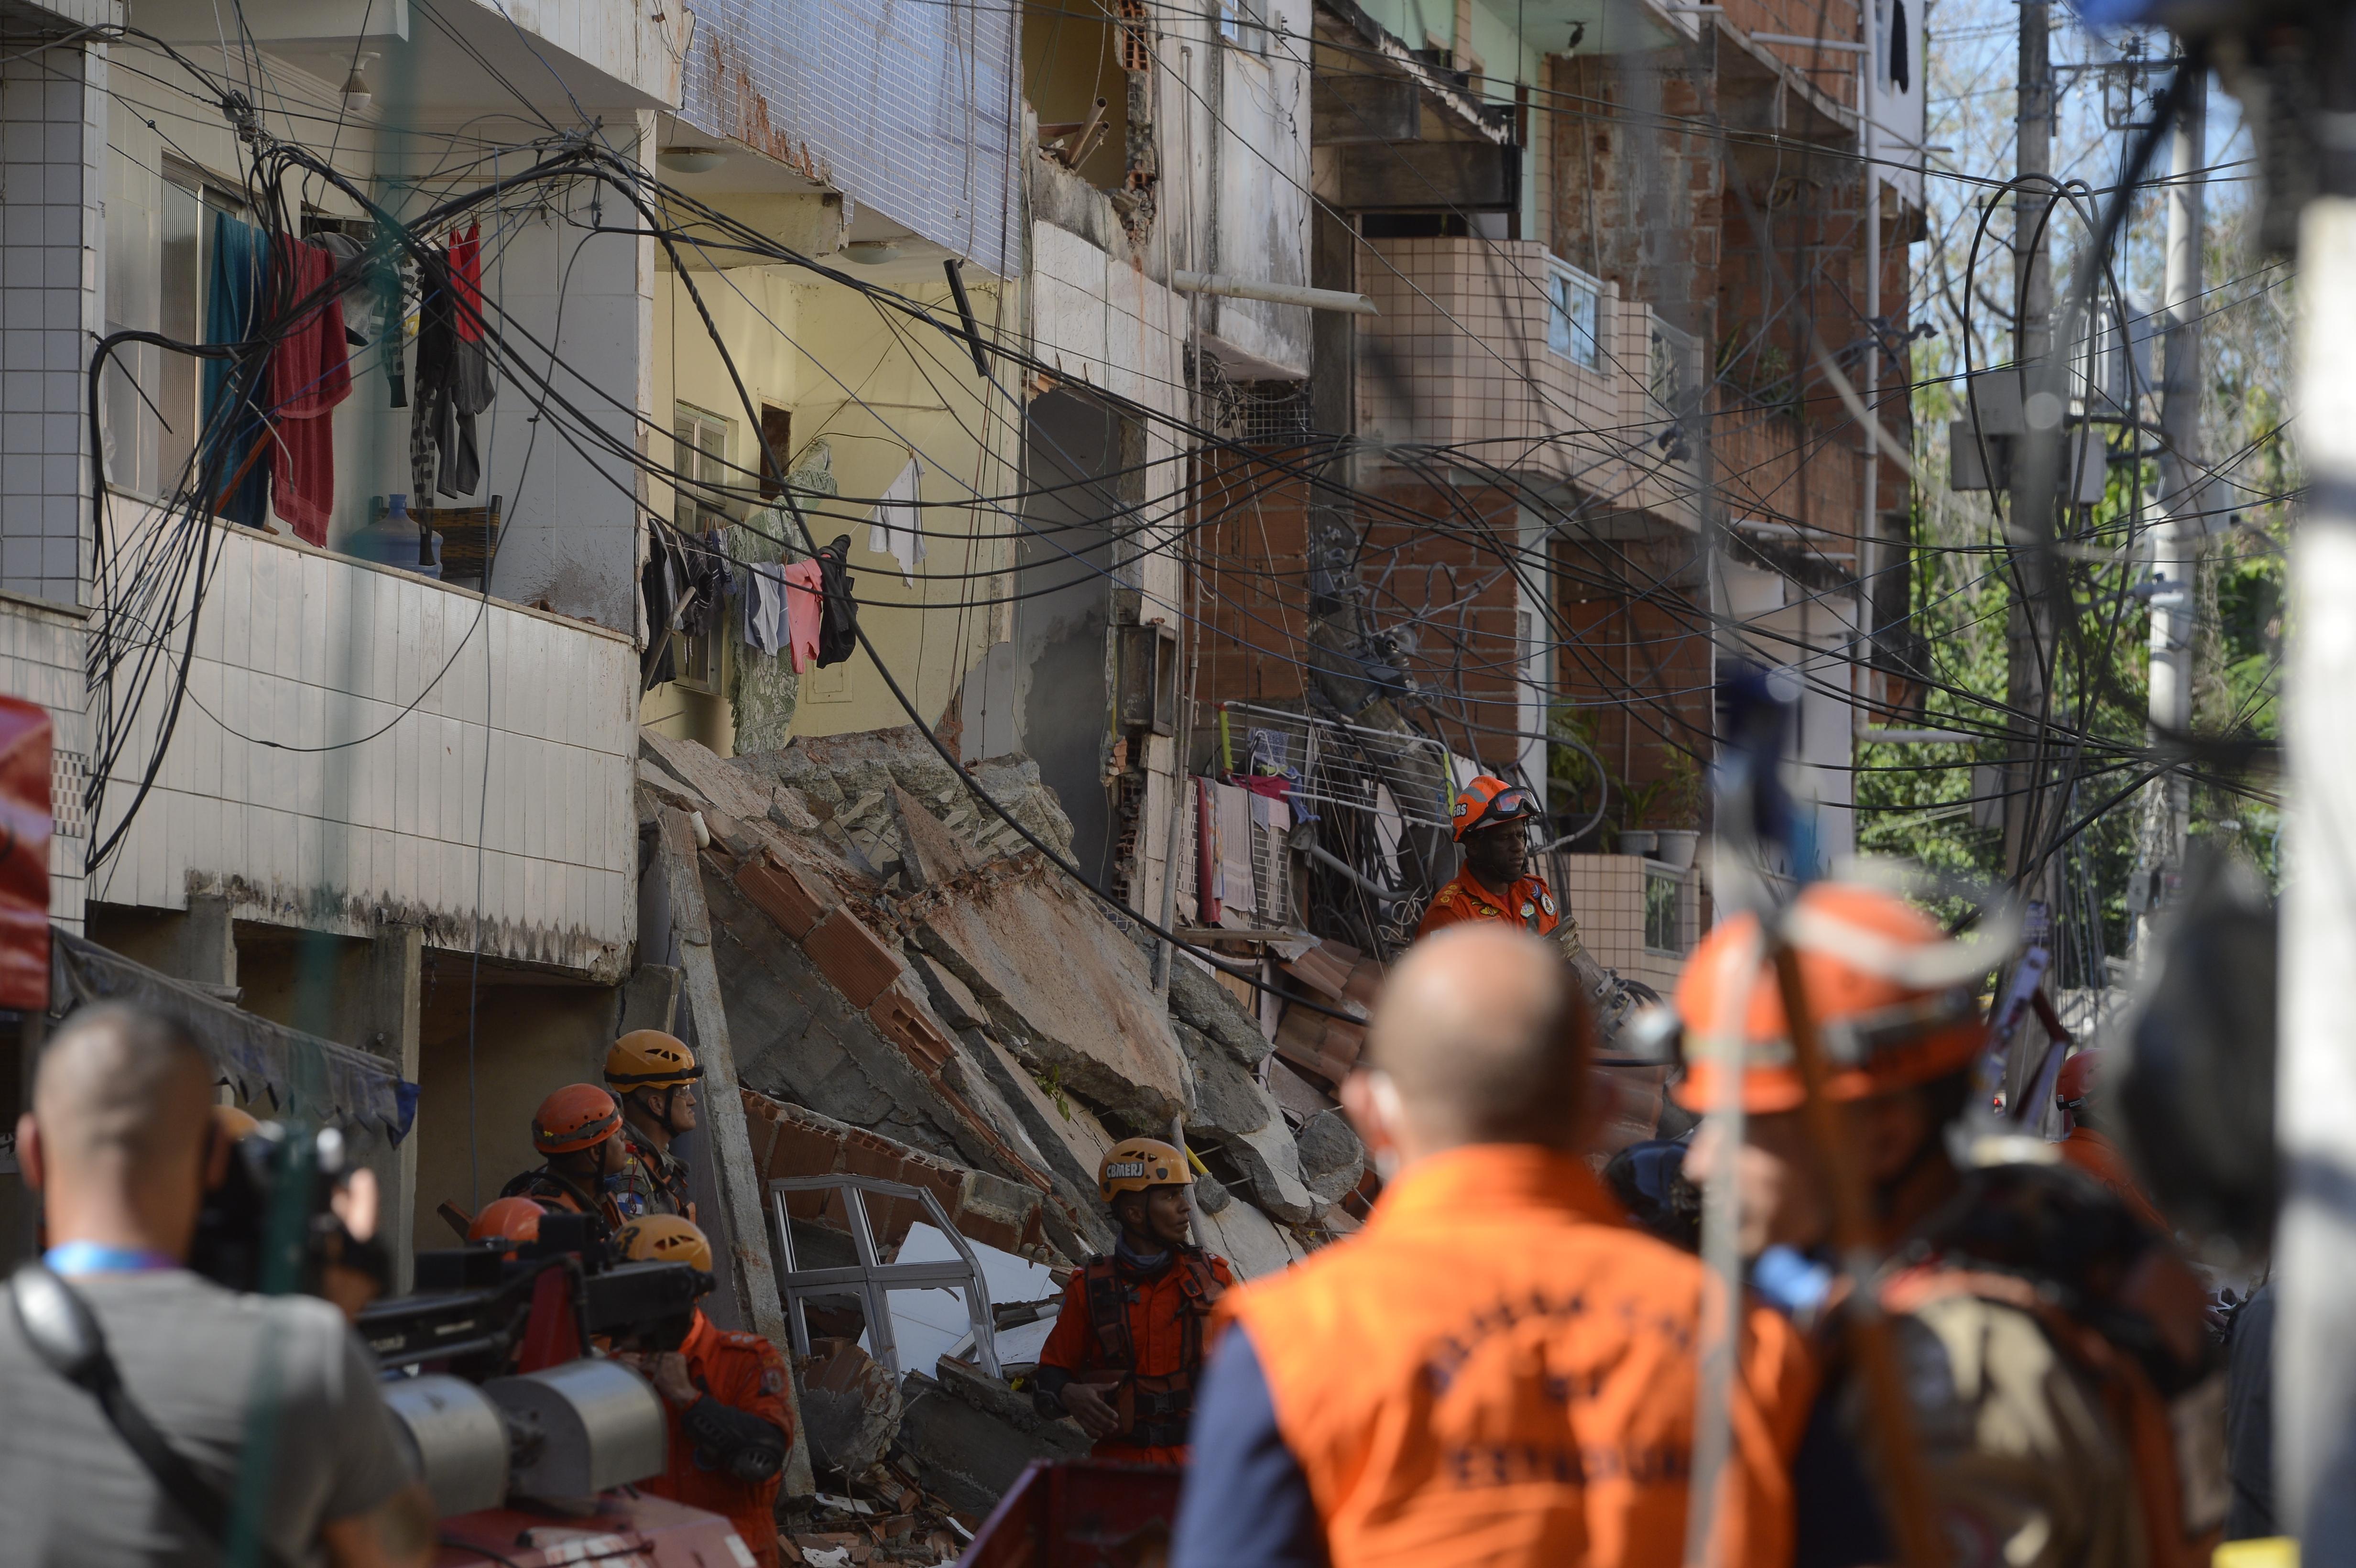 IMAGEM: O faturamento da milícia por prédios irregulares em Rio das Pedras